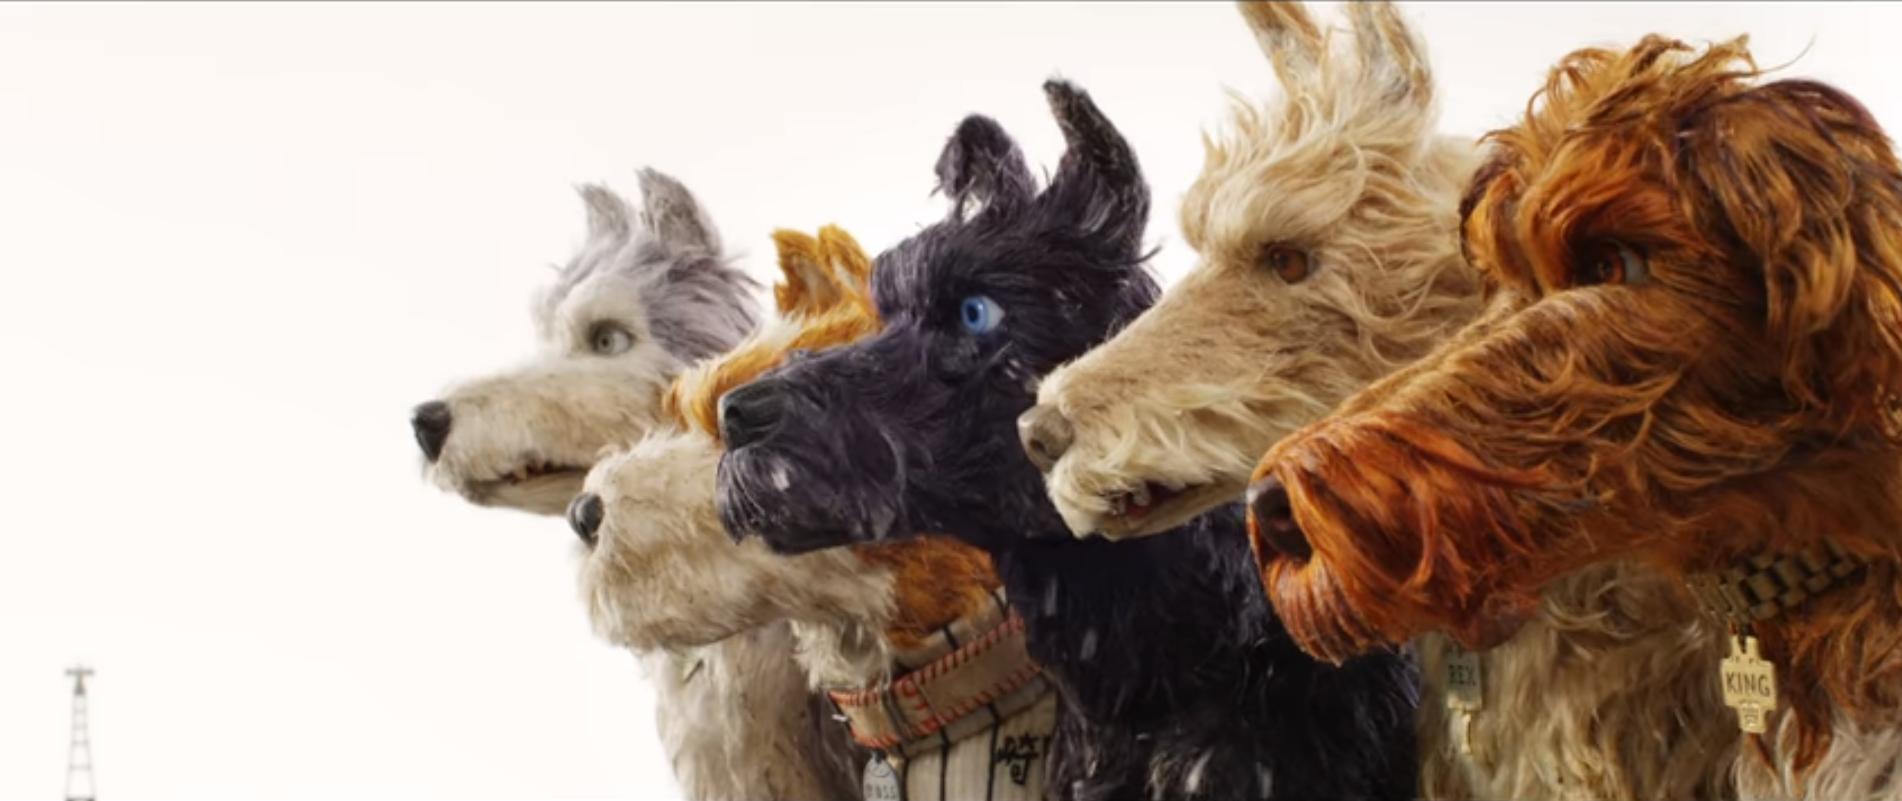 Bộ phim mừng năm Mậu Tuất của Wes Anderson tung trailer nhá hàng đầy vui nhộn - Ảnh 3.